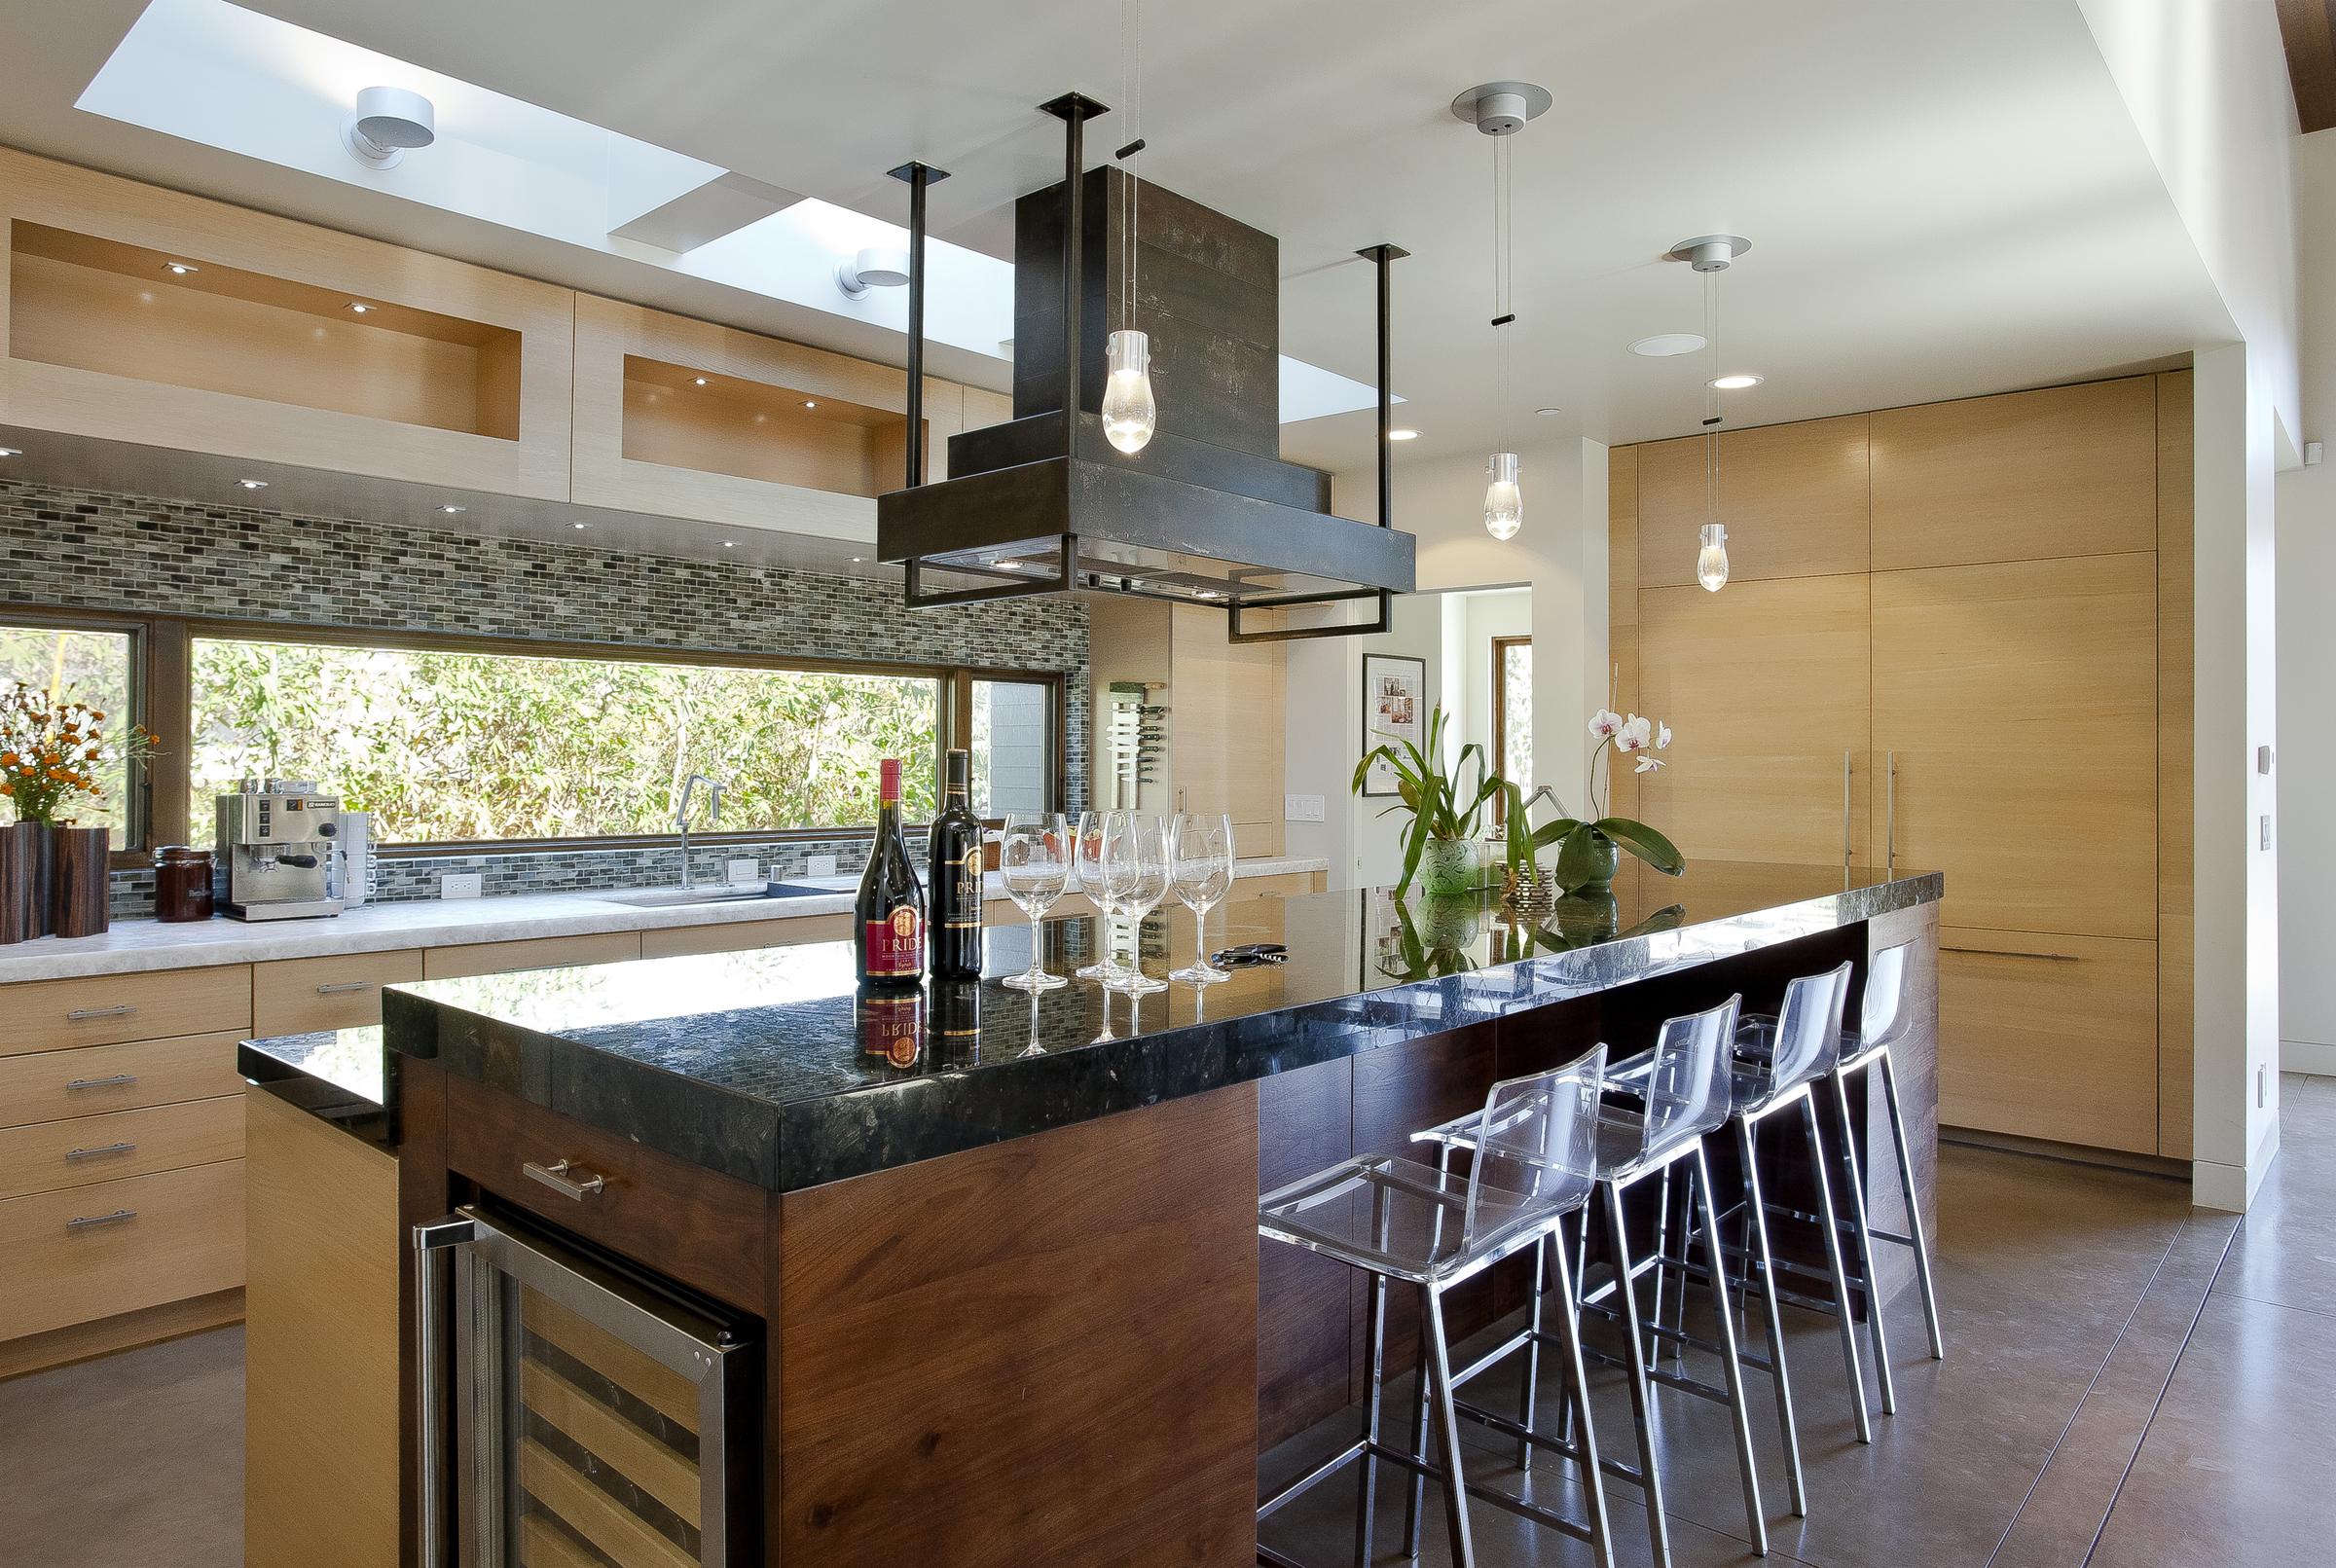 10-471 S. Clark Kitchen 2.jpg